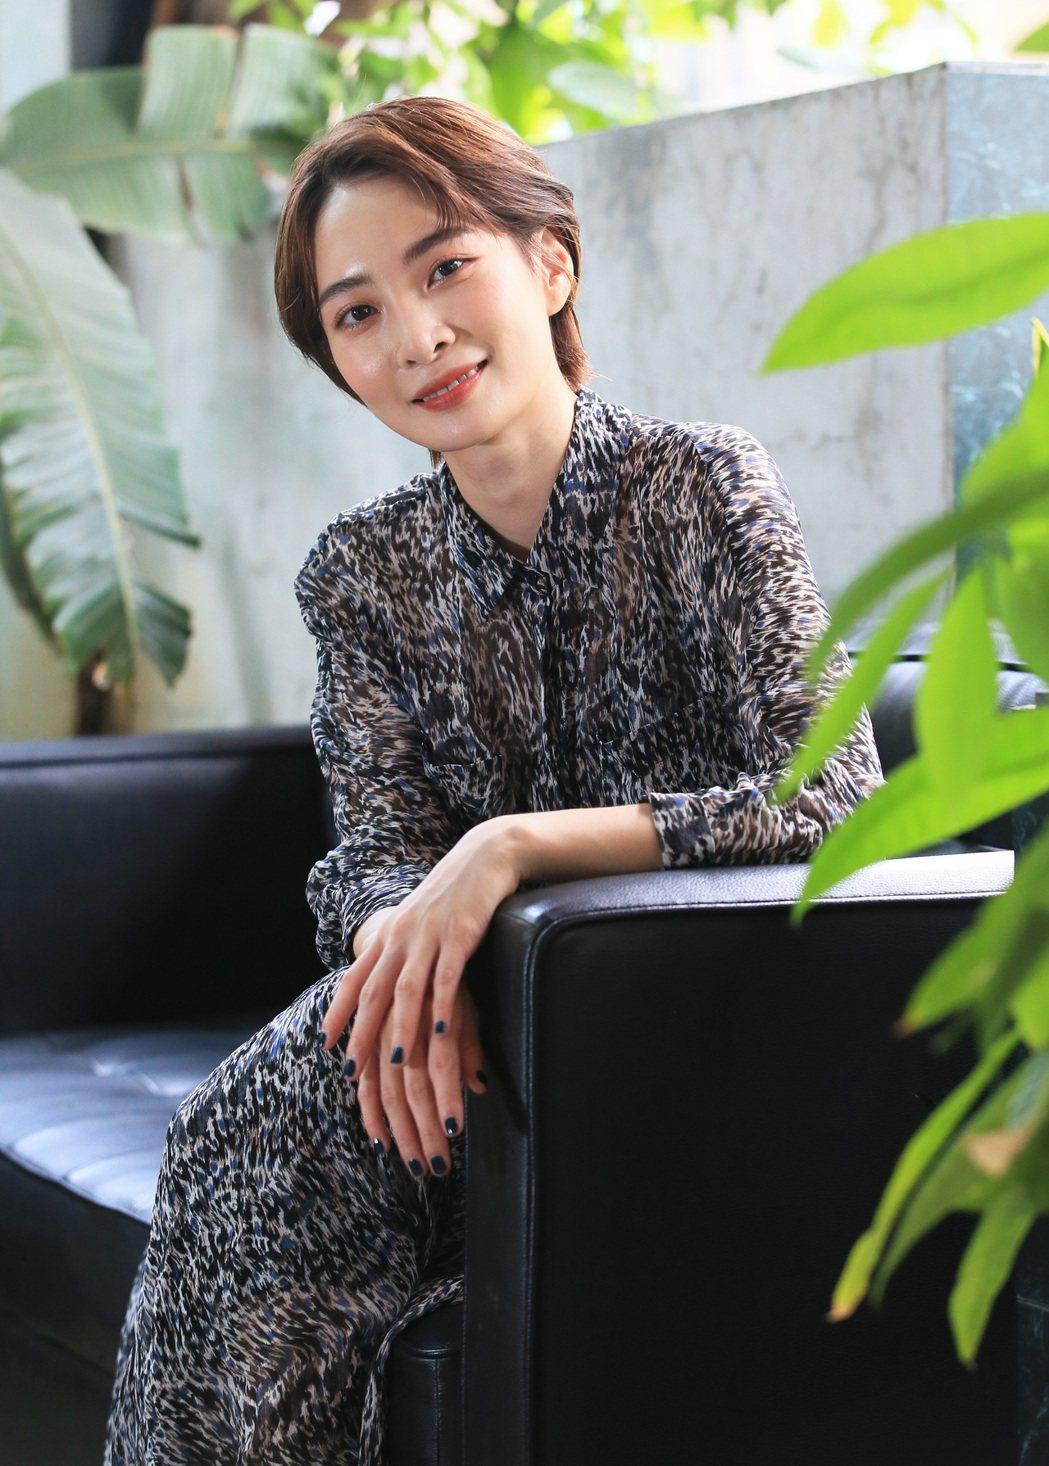 李亦捷在新片「野雀之詩」飾演酒家女,還特地到酒店見習。圖/記者潘俊宏攝影